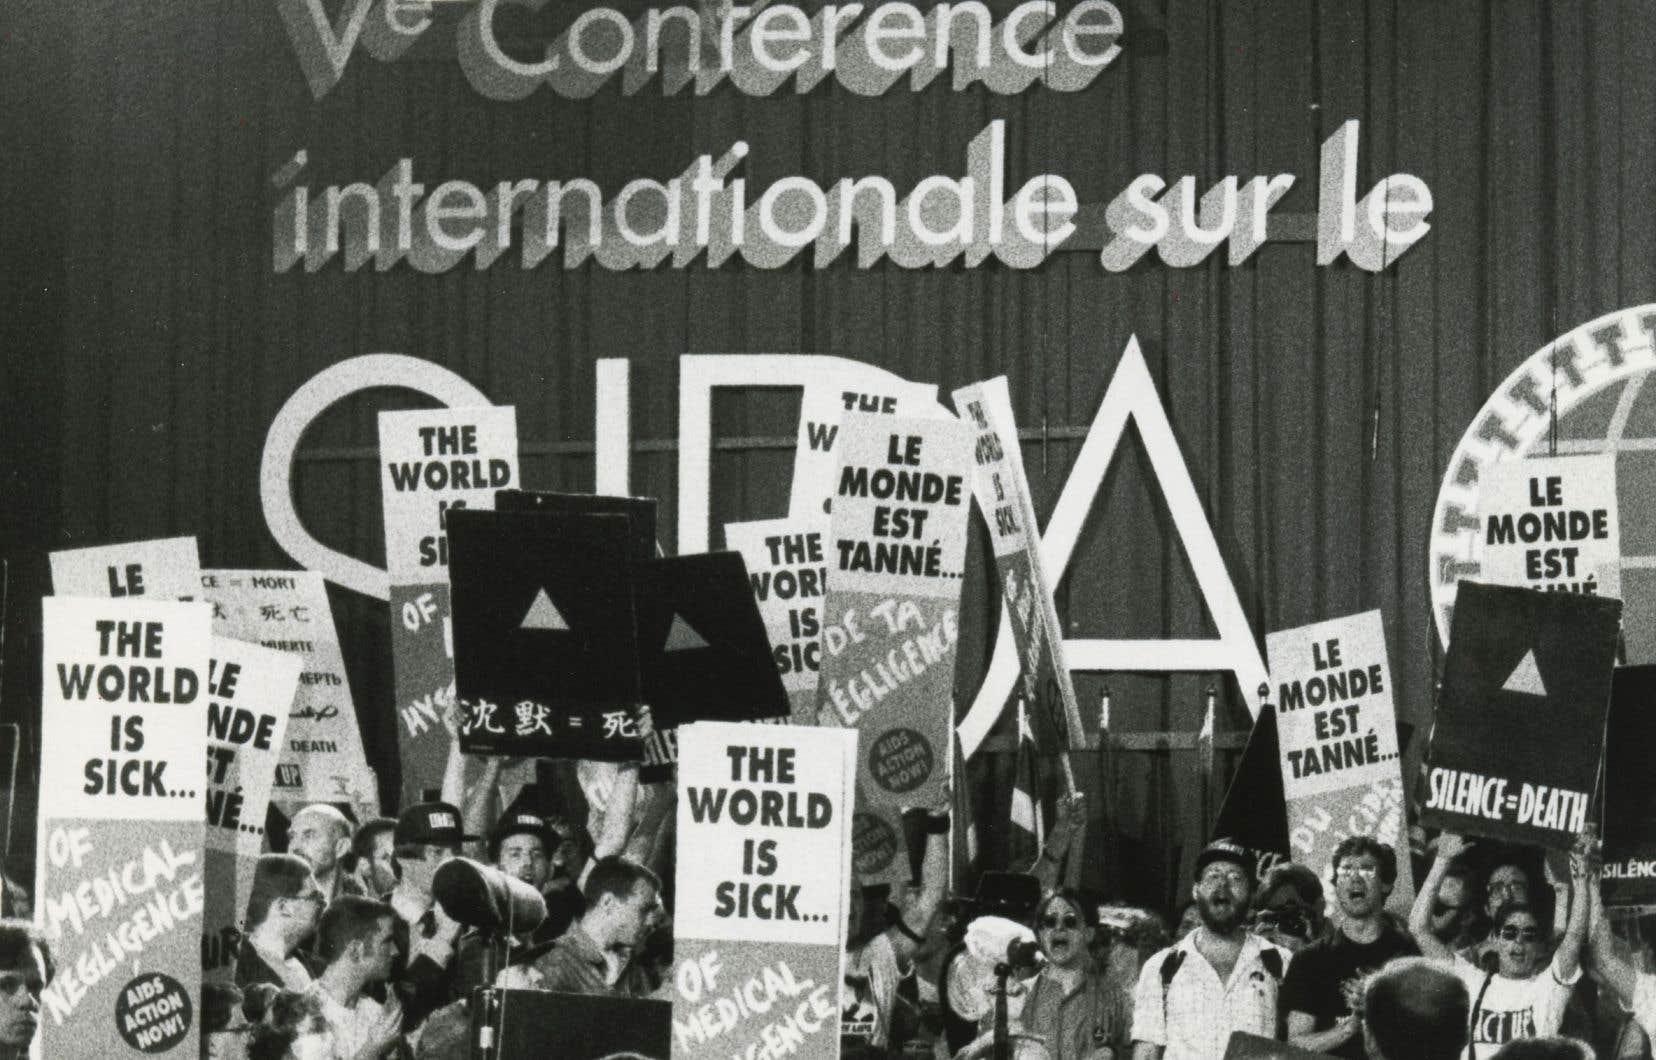 Scène d'ouverture de la Conférence internationale sur le sida à Montréal, le 4 juin 1989